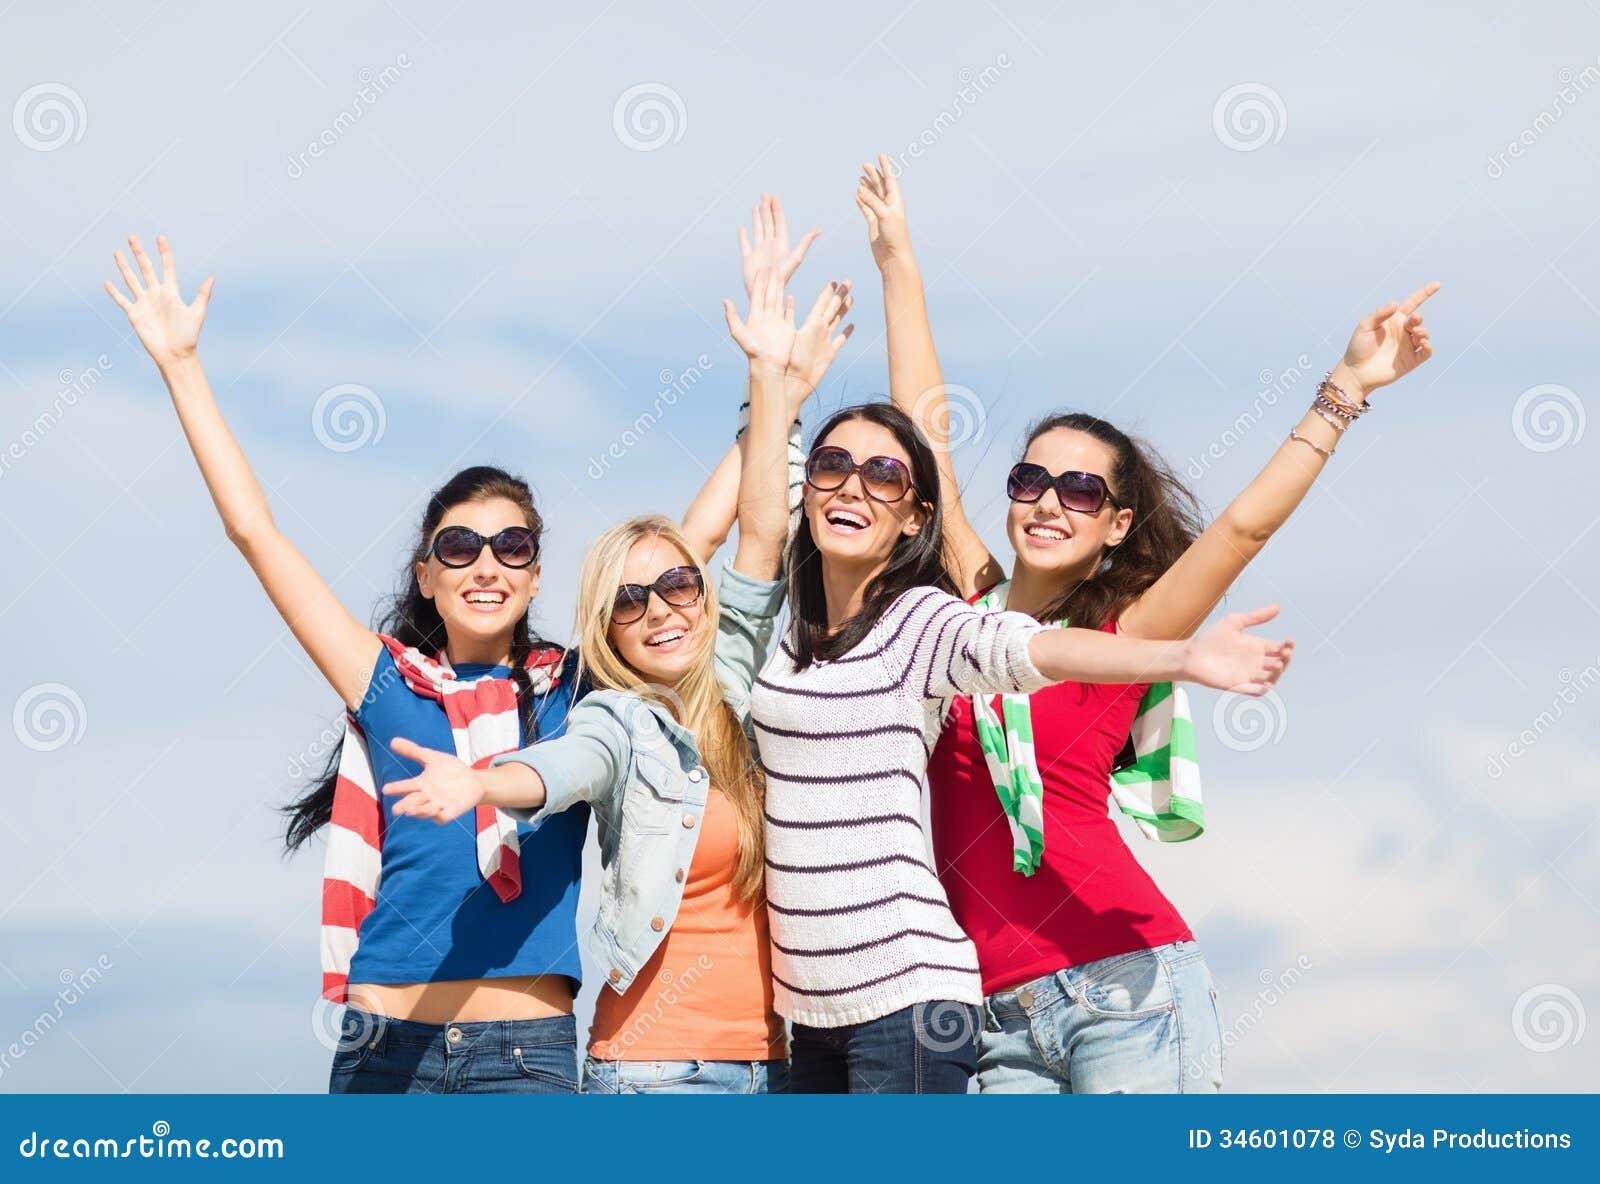 Adolescentes en chicas adolescentes